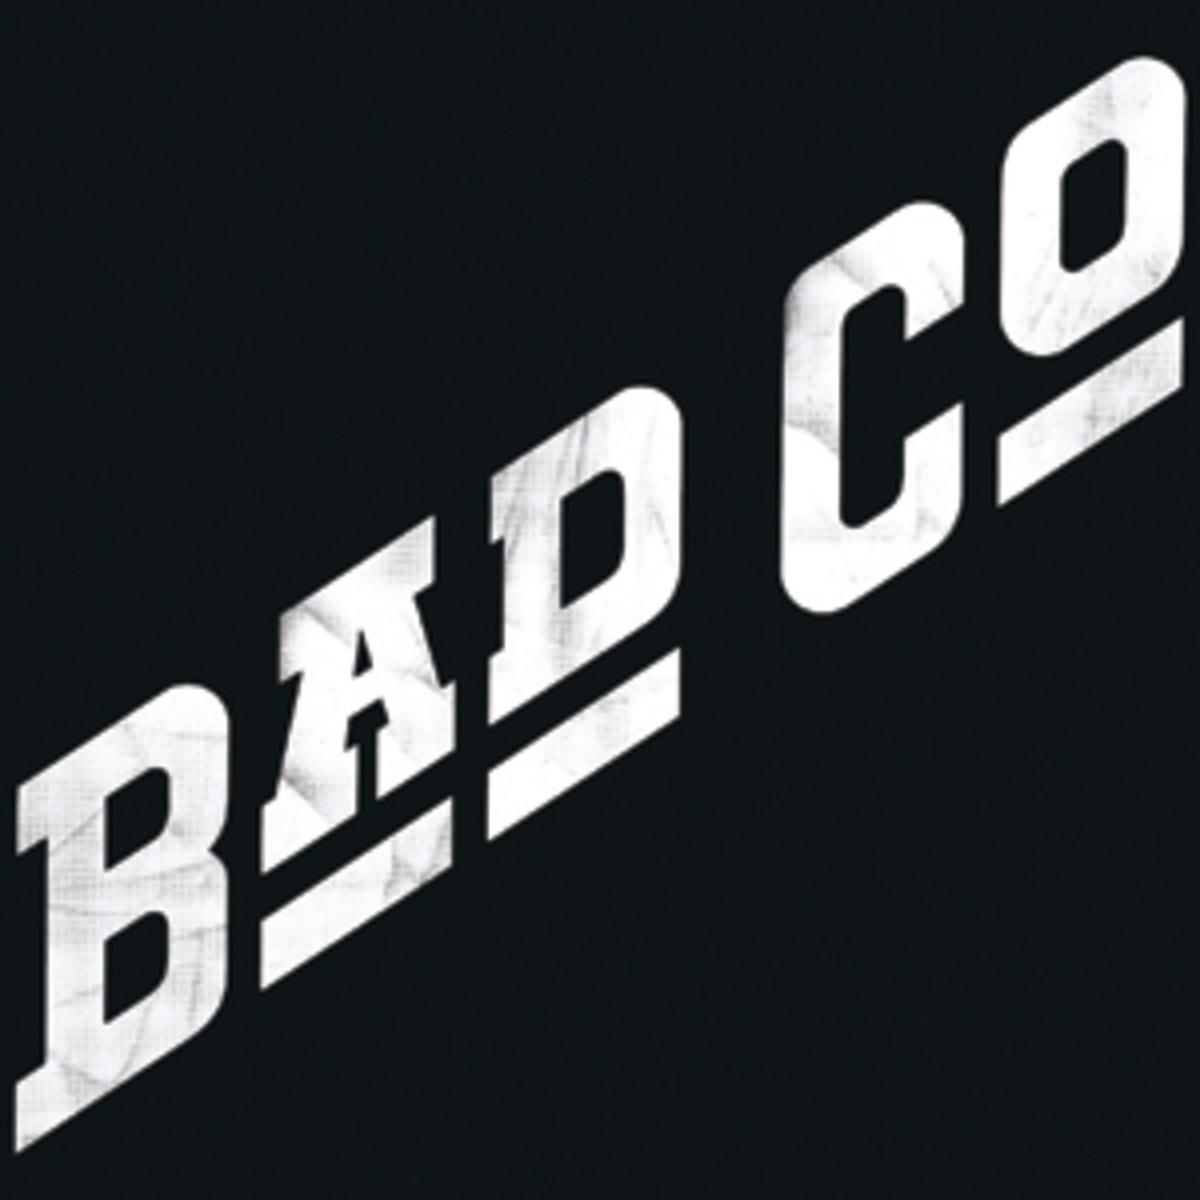 Bad Company -Bad Company